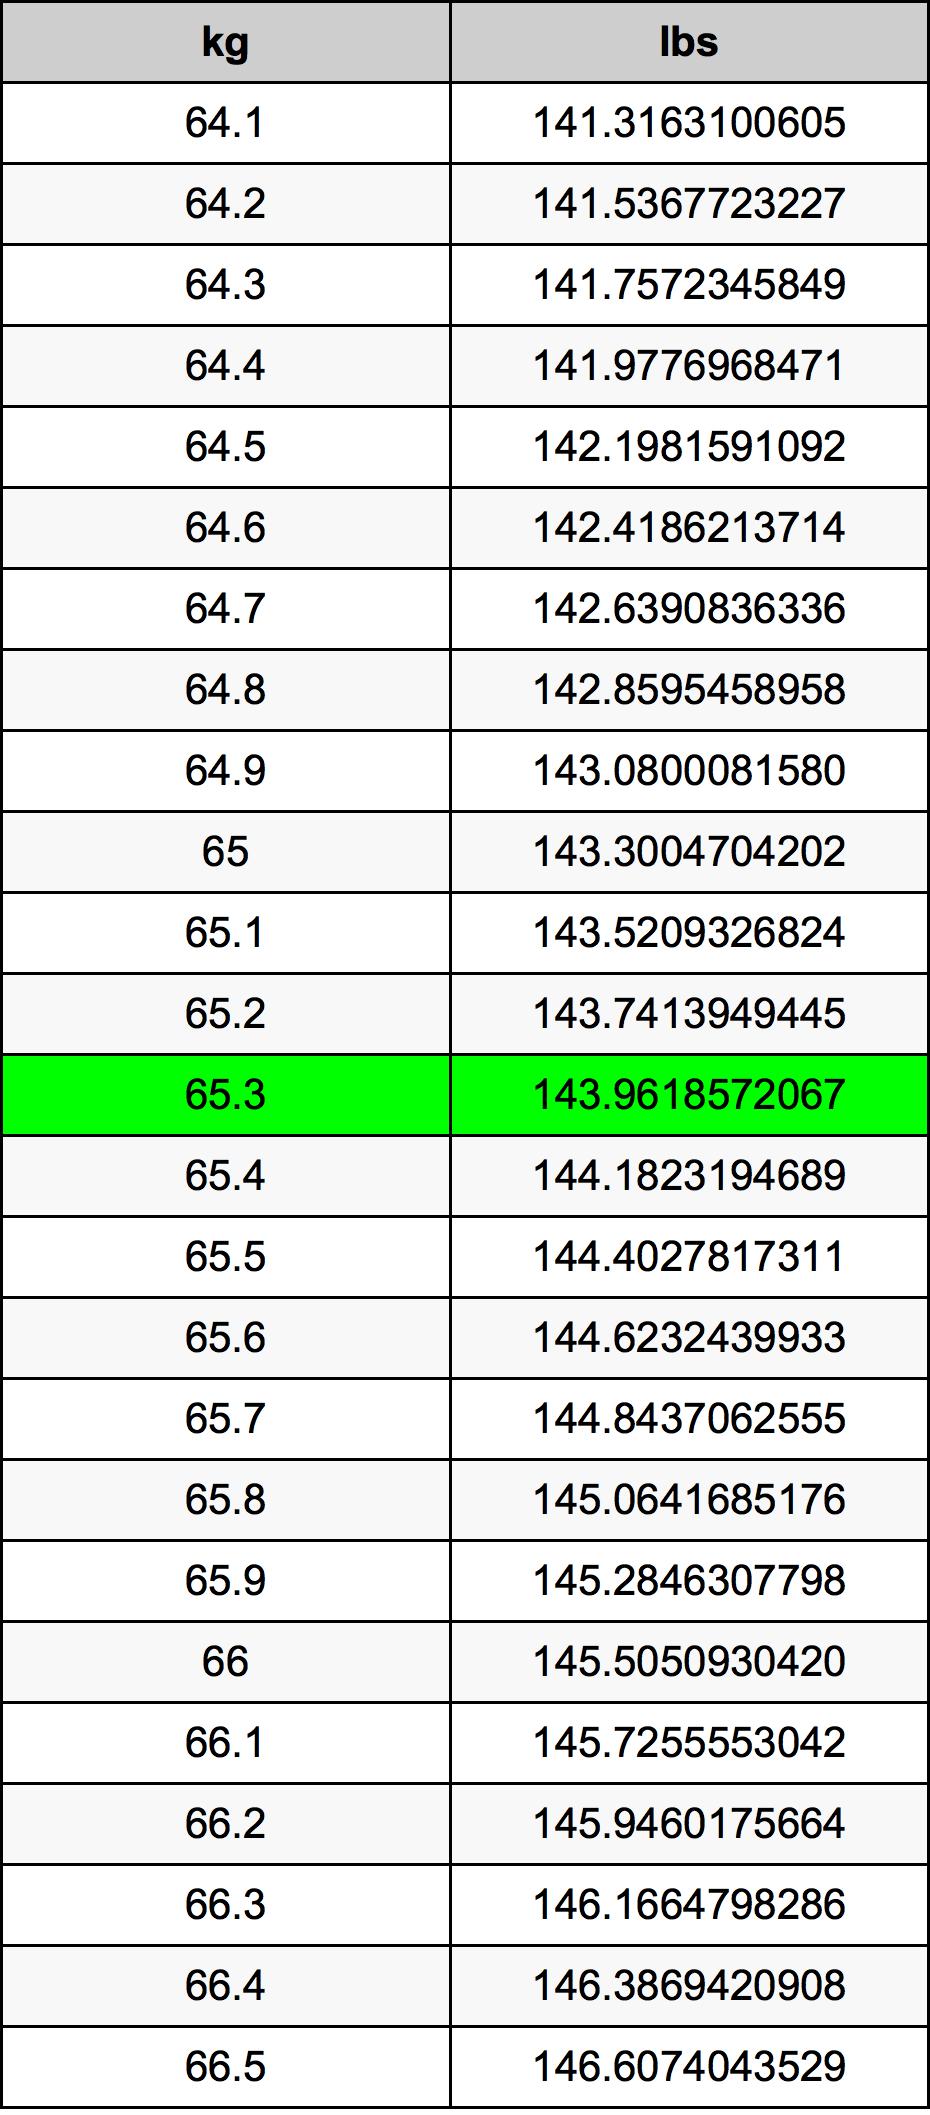 65.3 Kilogram Tablica konverzije